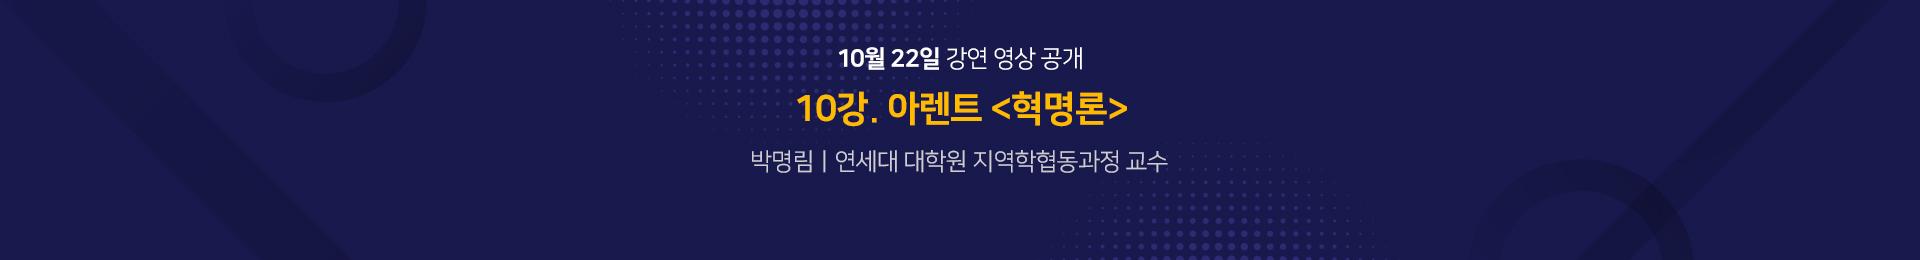 교양서 10강 공개